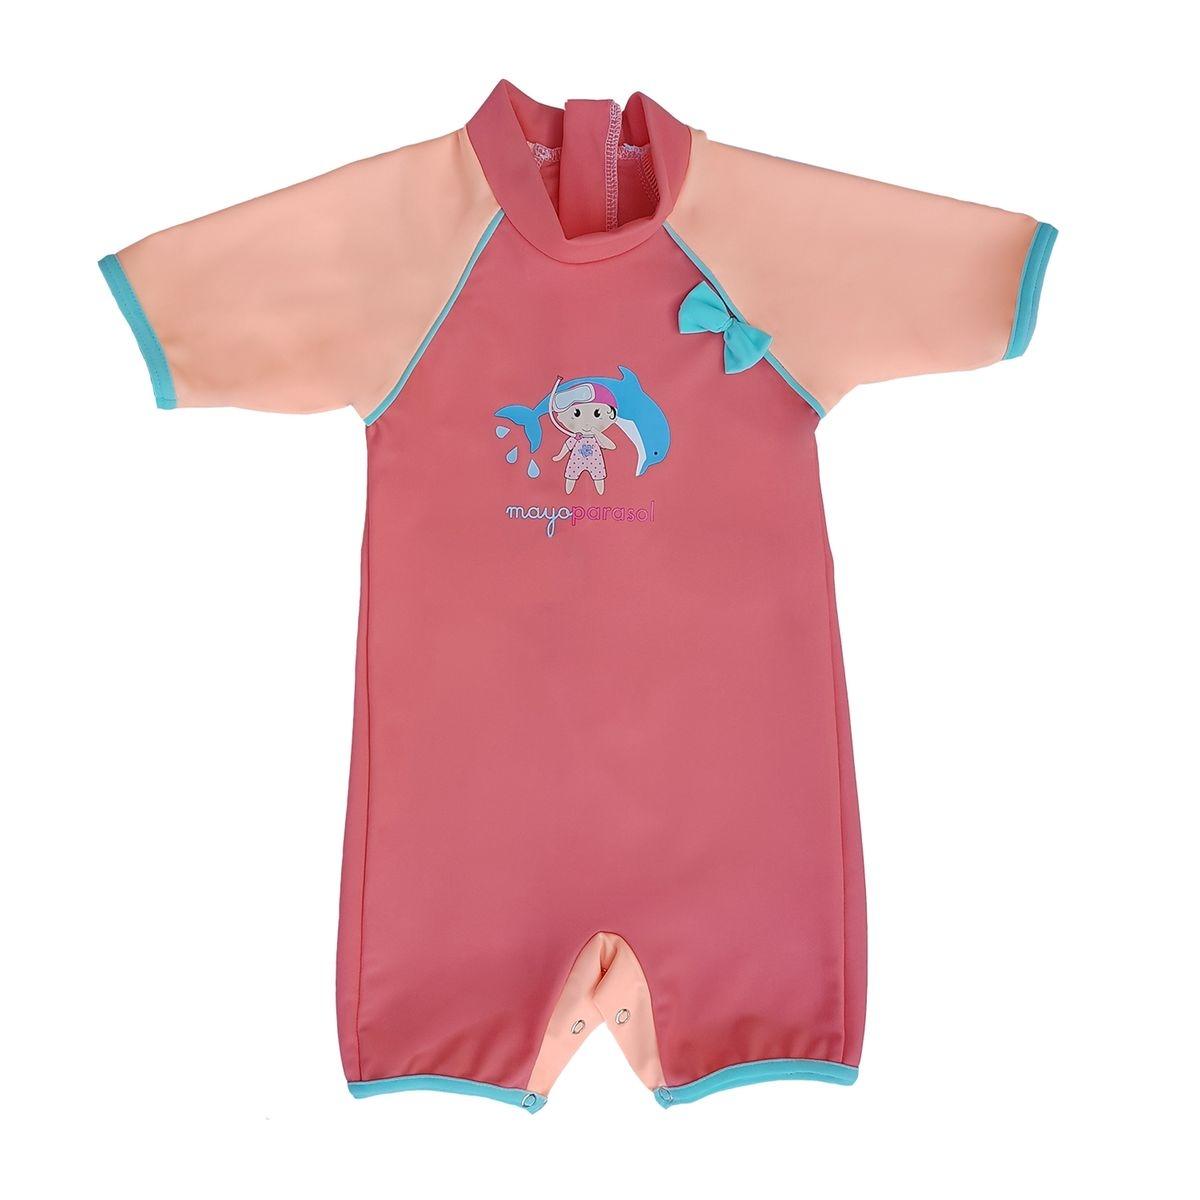 Peachy   Combinaison maillot anti UV plage bébé fille